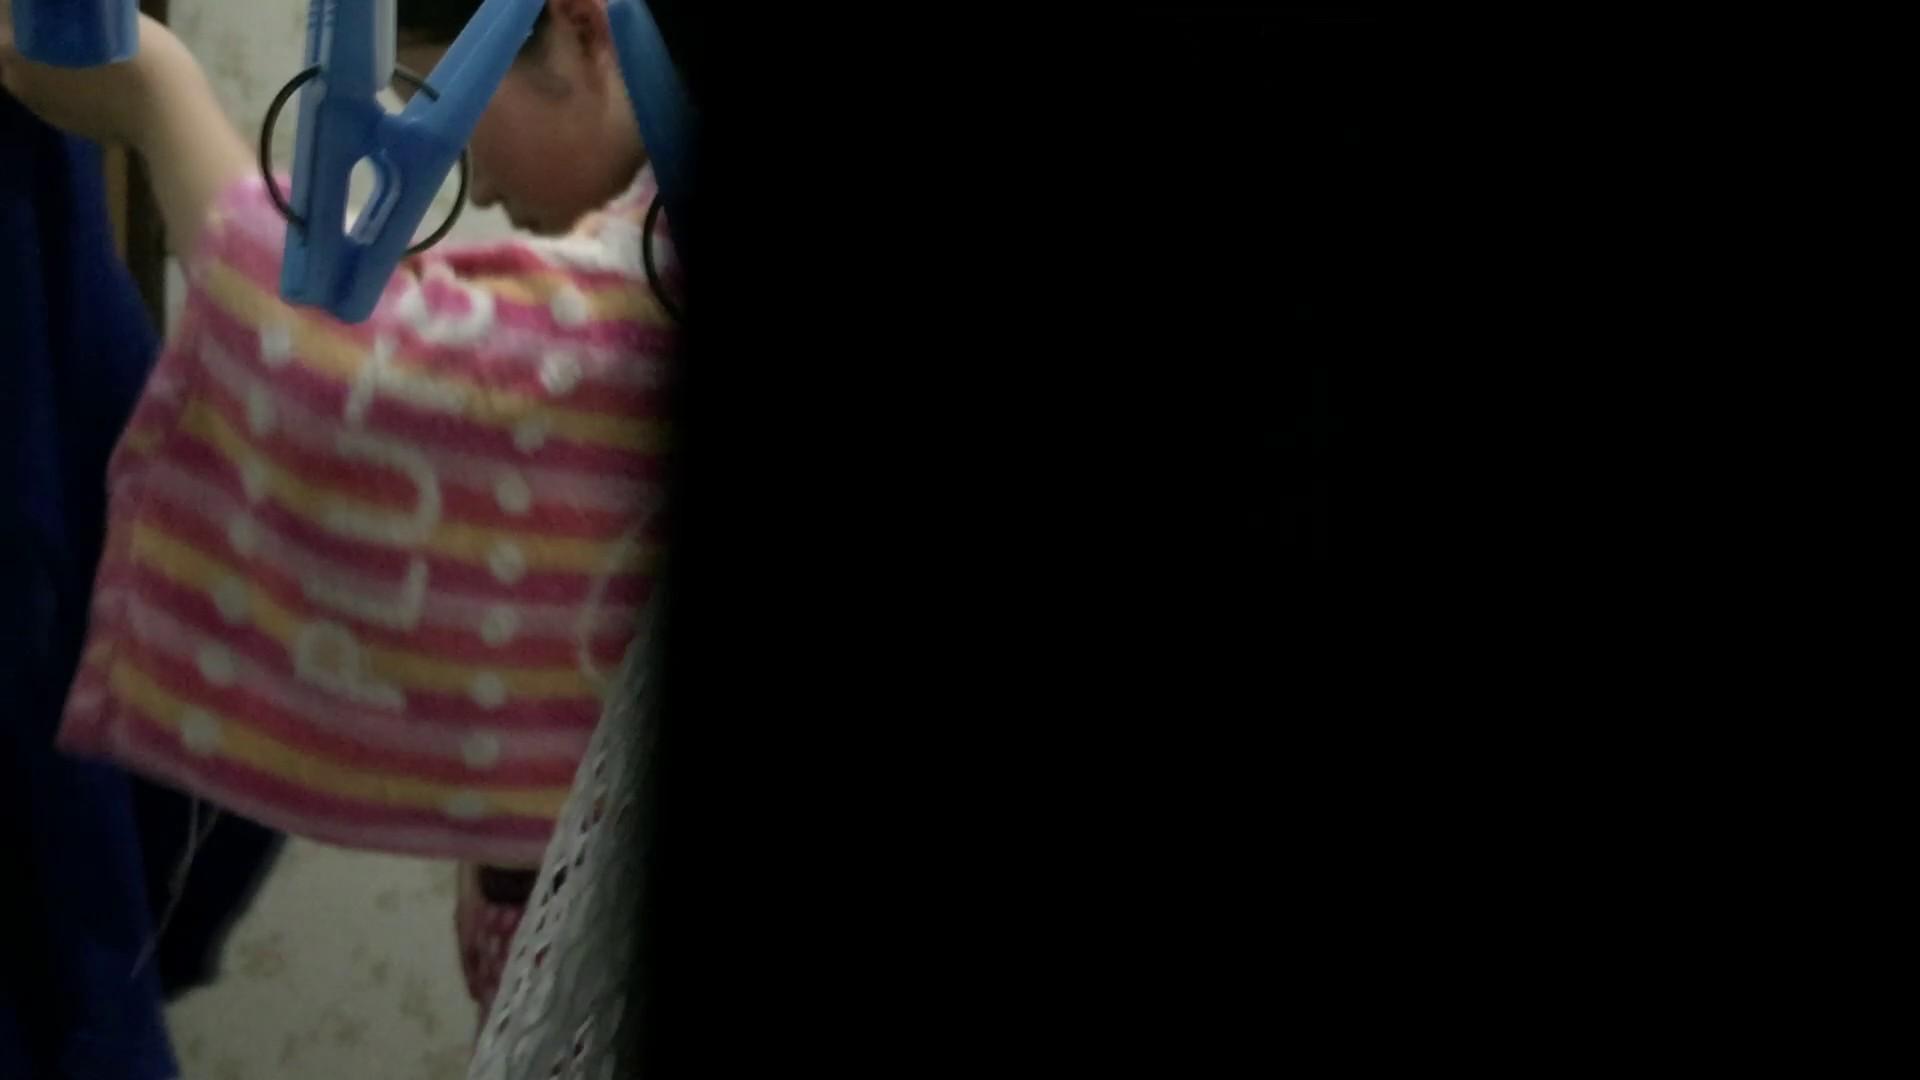 【19位 2016】リアルインパクト盗撮~入浴編 Vol.13 萌える注の入浴 女湯のぞき おまんこ動画流出 106枚 9